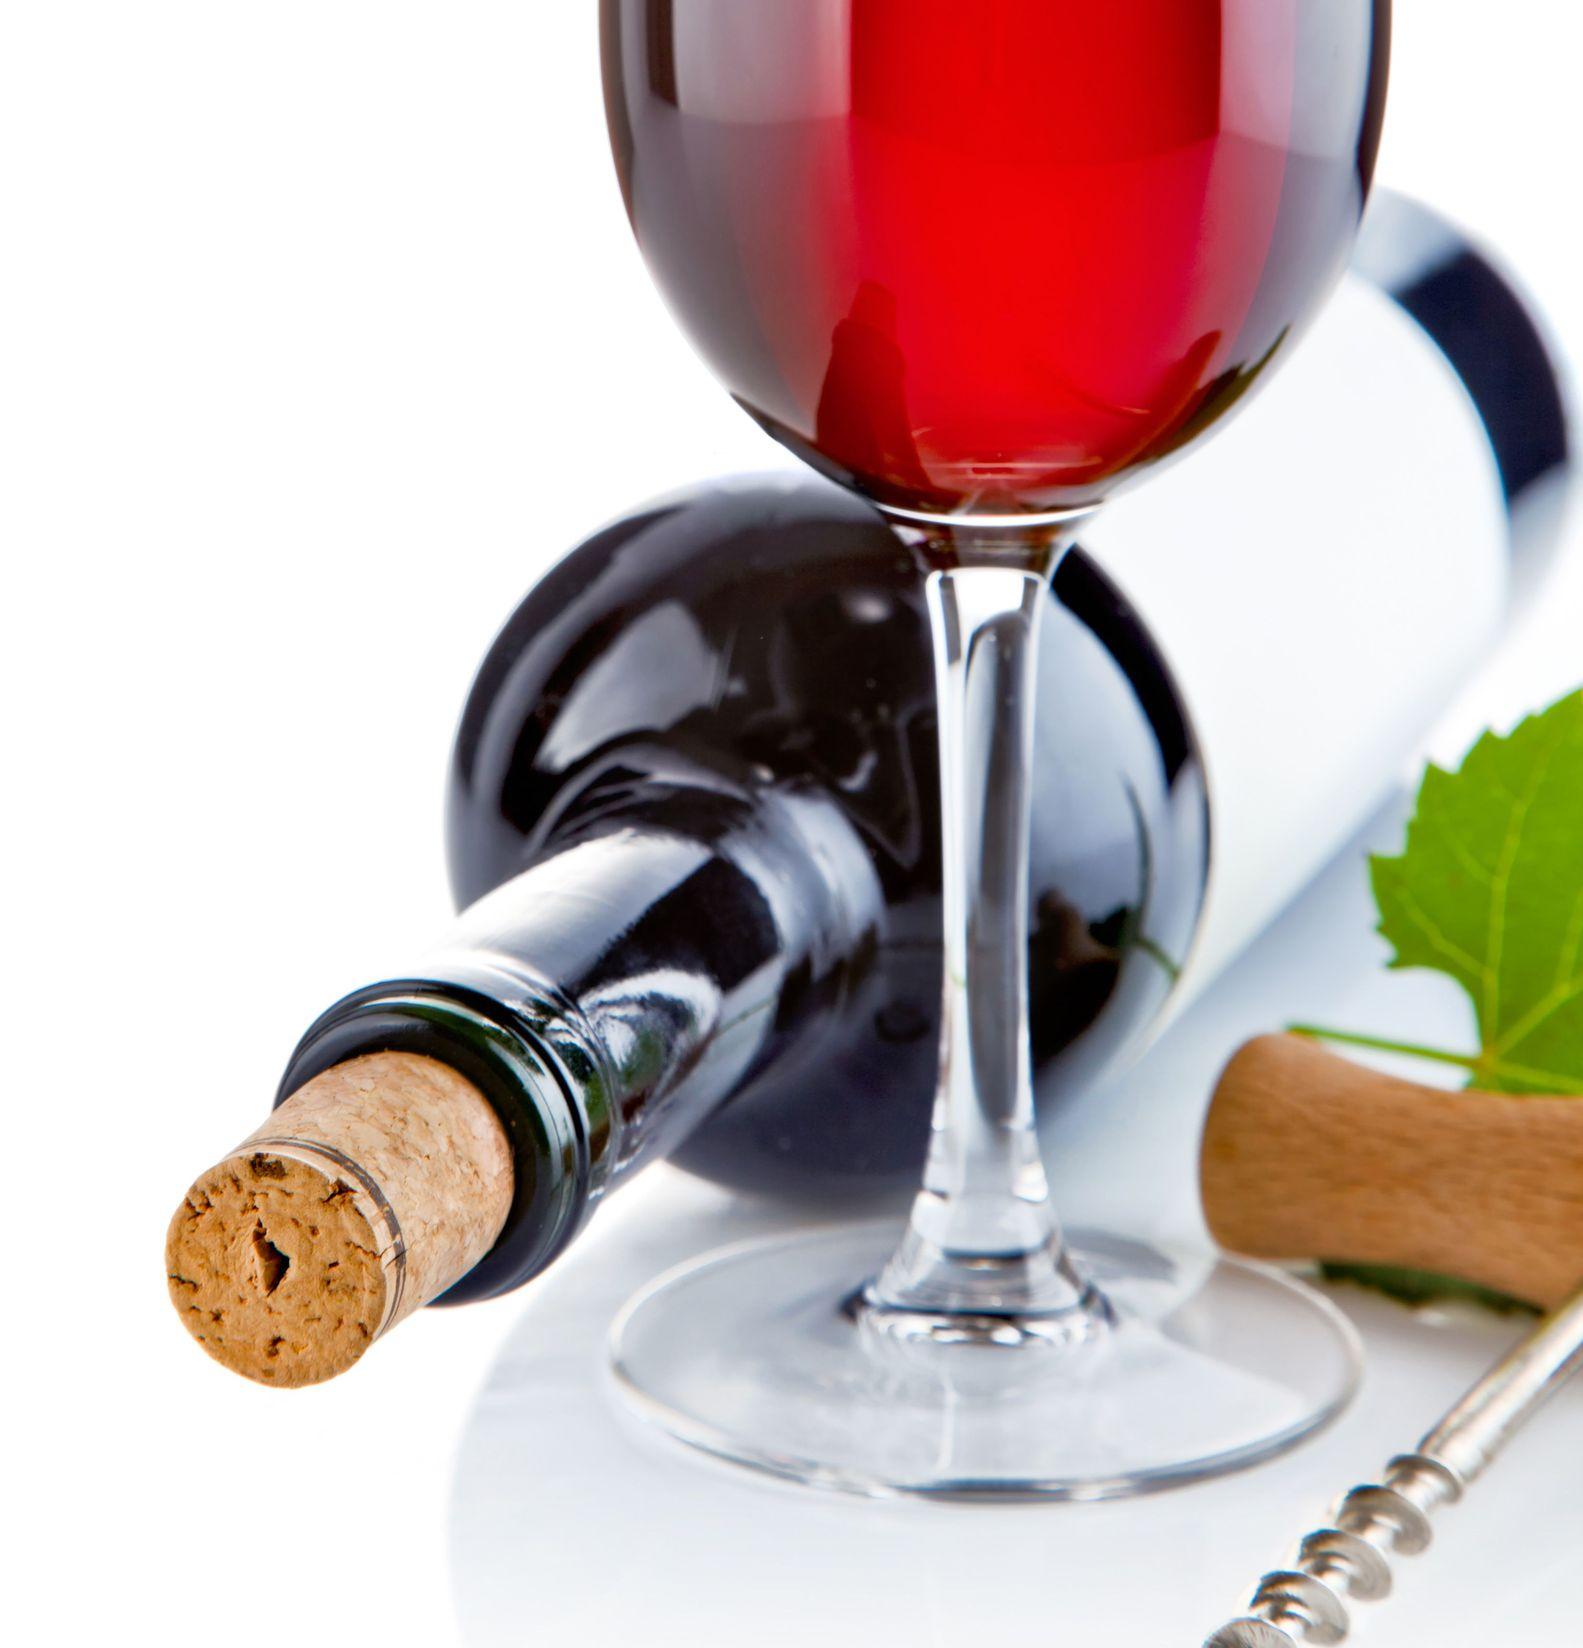 Guida all'acquisto - Scegliere il vino biologico